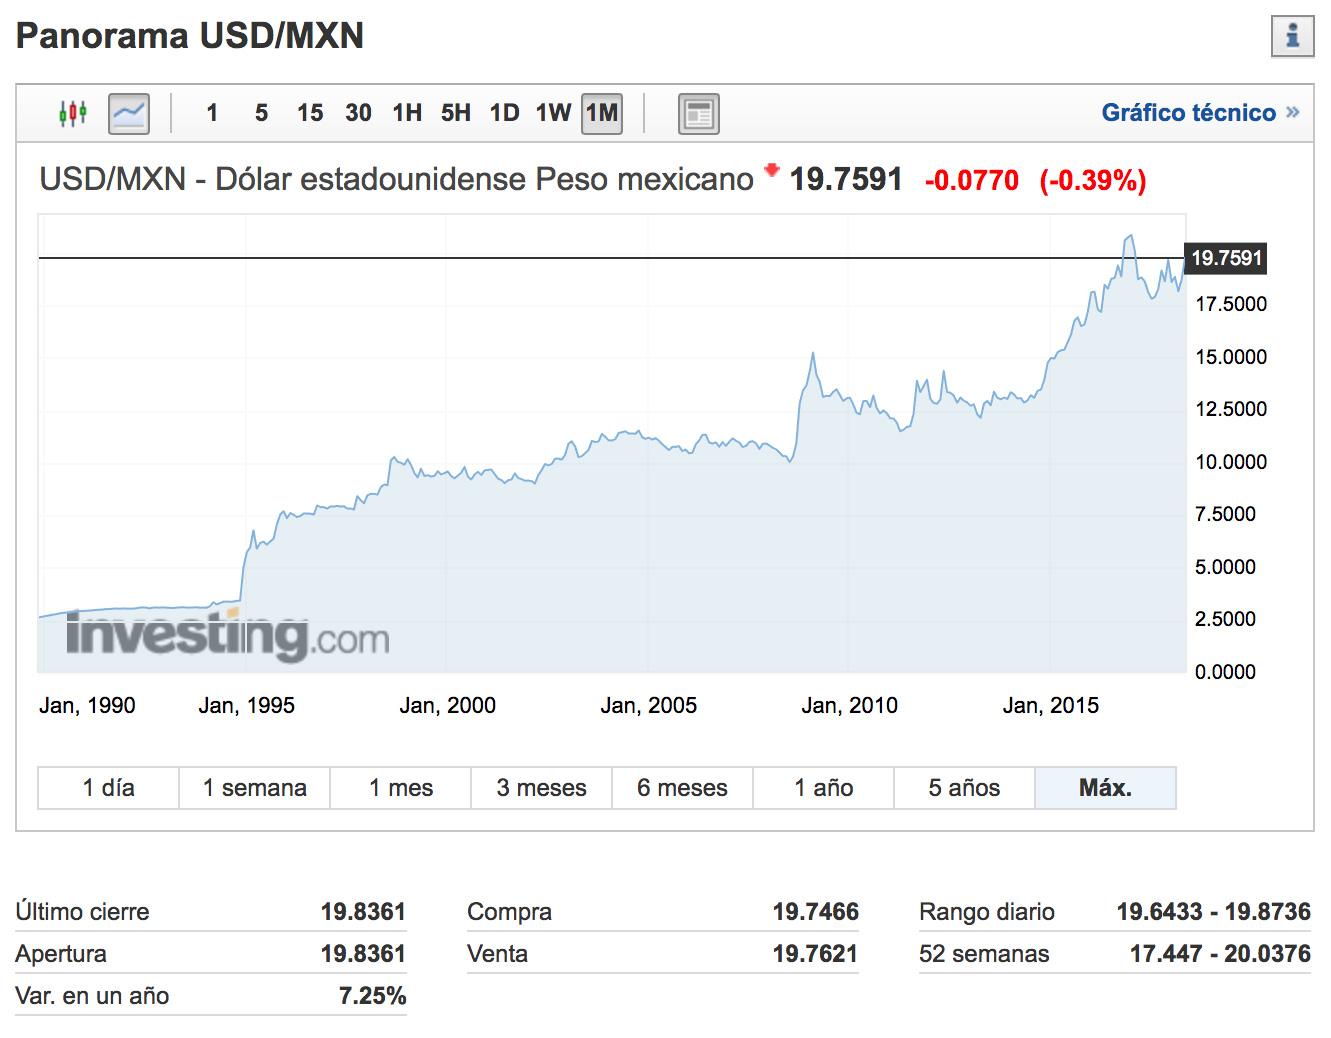 Investing.com: USD/MXN - Dólar Peso mexicano, al 30 de mayo de 2018.